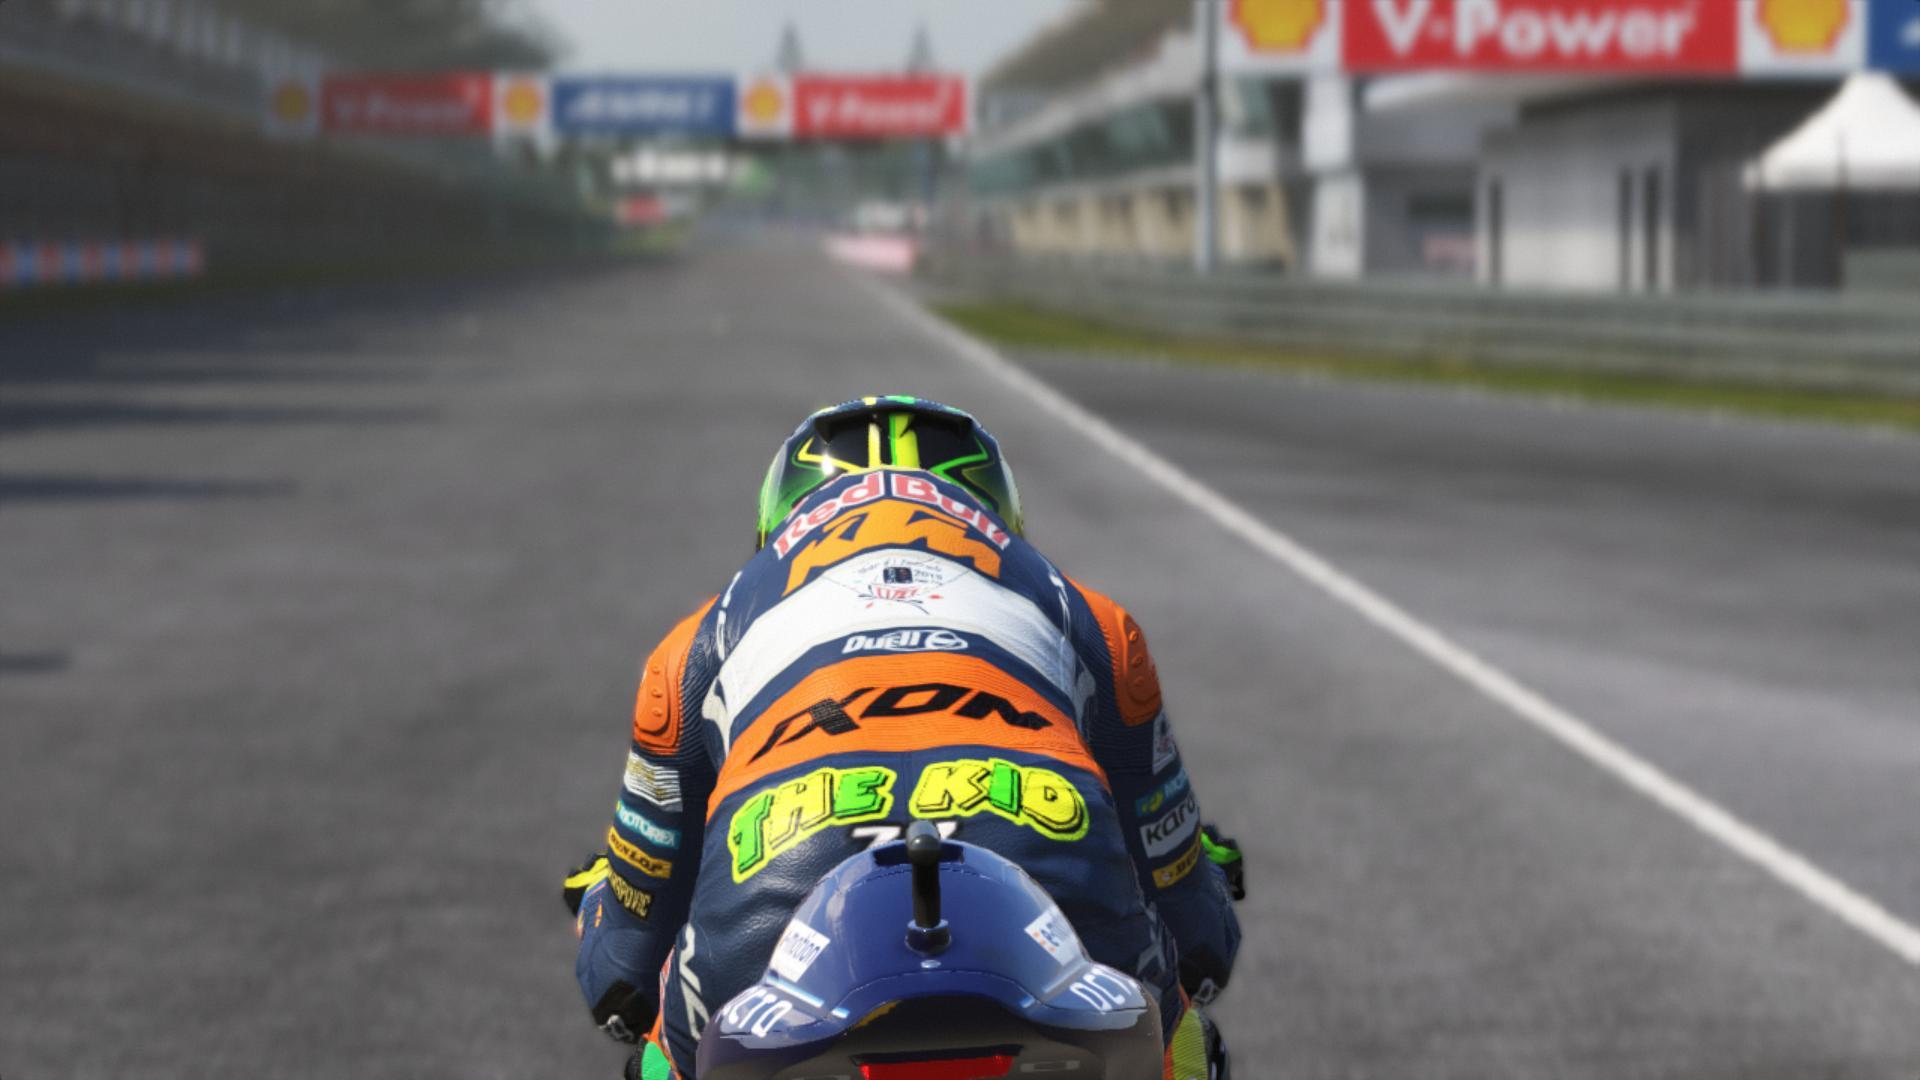 MotoGP15X64 2015-06-28 23-58-33-89.jpg